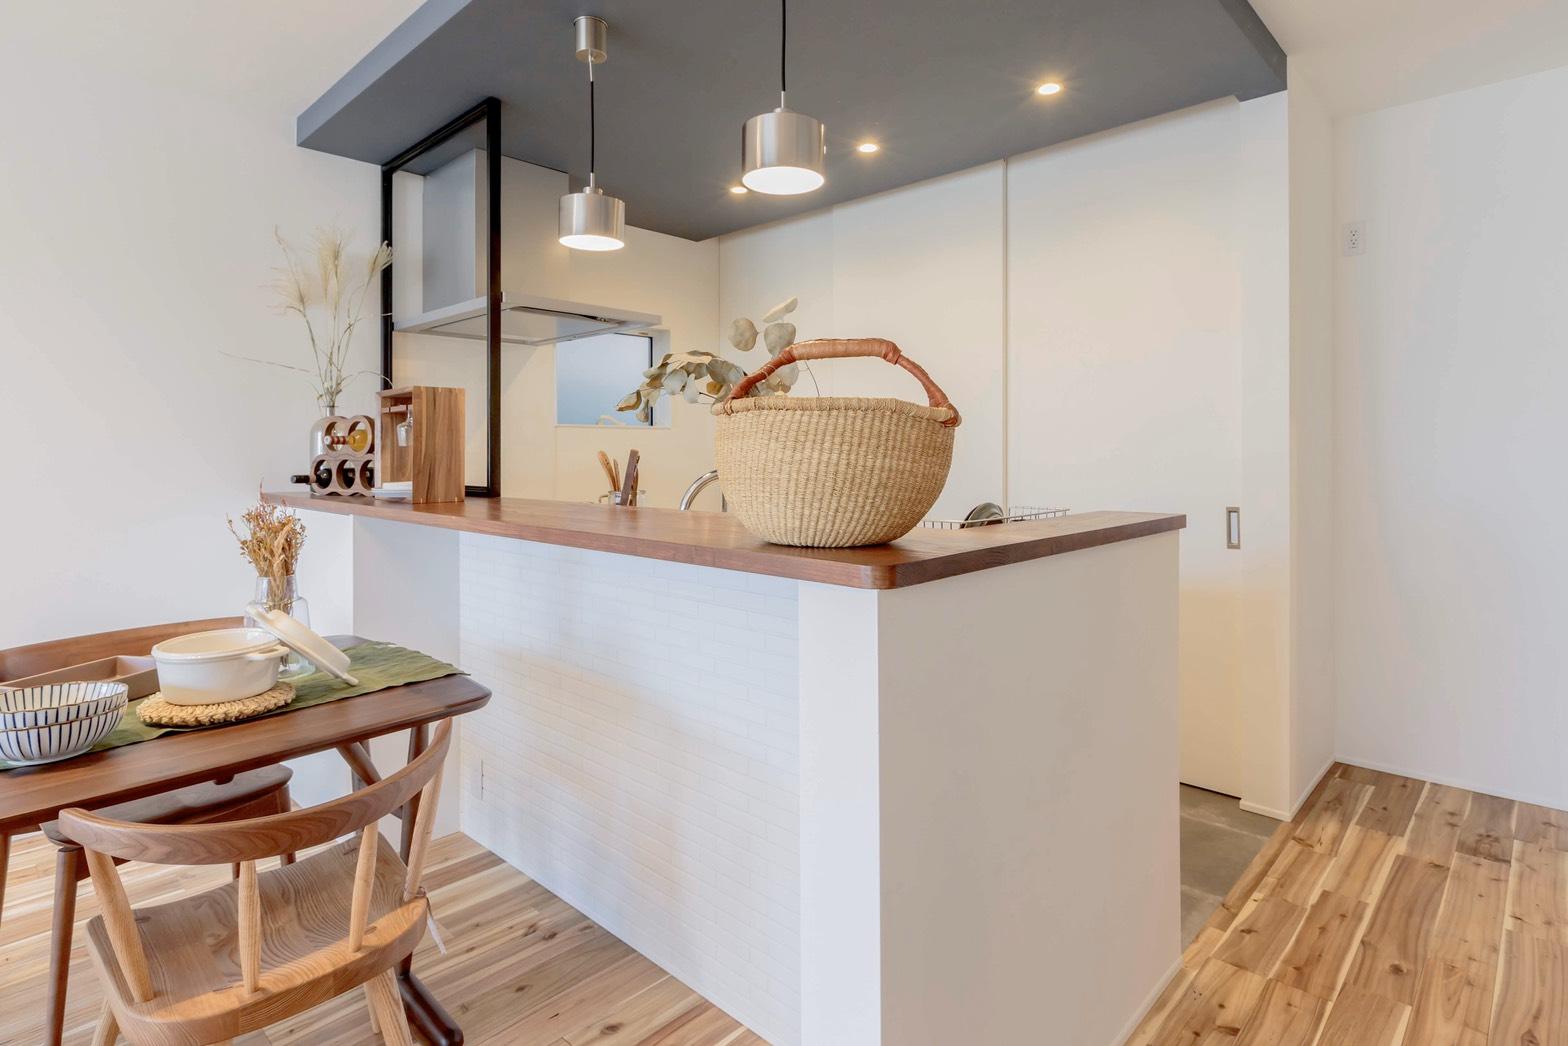 ARRCH アーチ【省エネ、間取り、建築家】対面キッチンの前のカウンターでは、おうちカフェを楽しんだり、パソコンでネットを見たり、洋裁などの家事スペースとしても活躍。キッチンの背面の収納は大きな扉で中を隠してお部屋のキレイをキープ